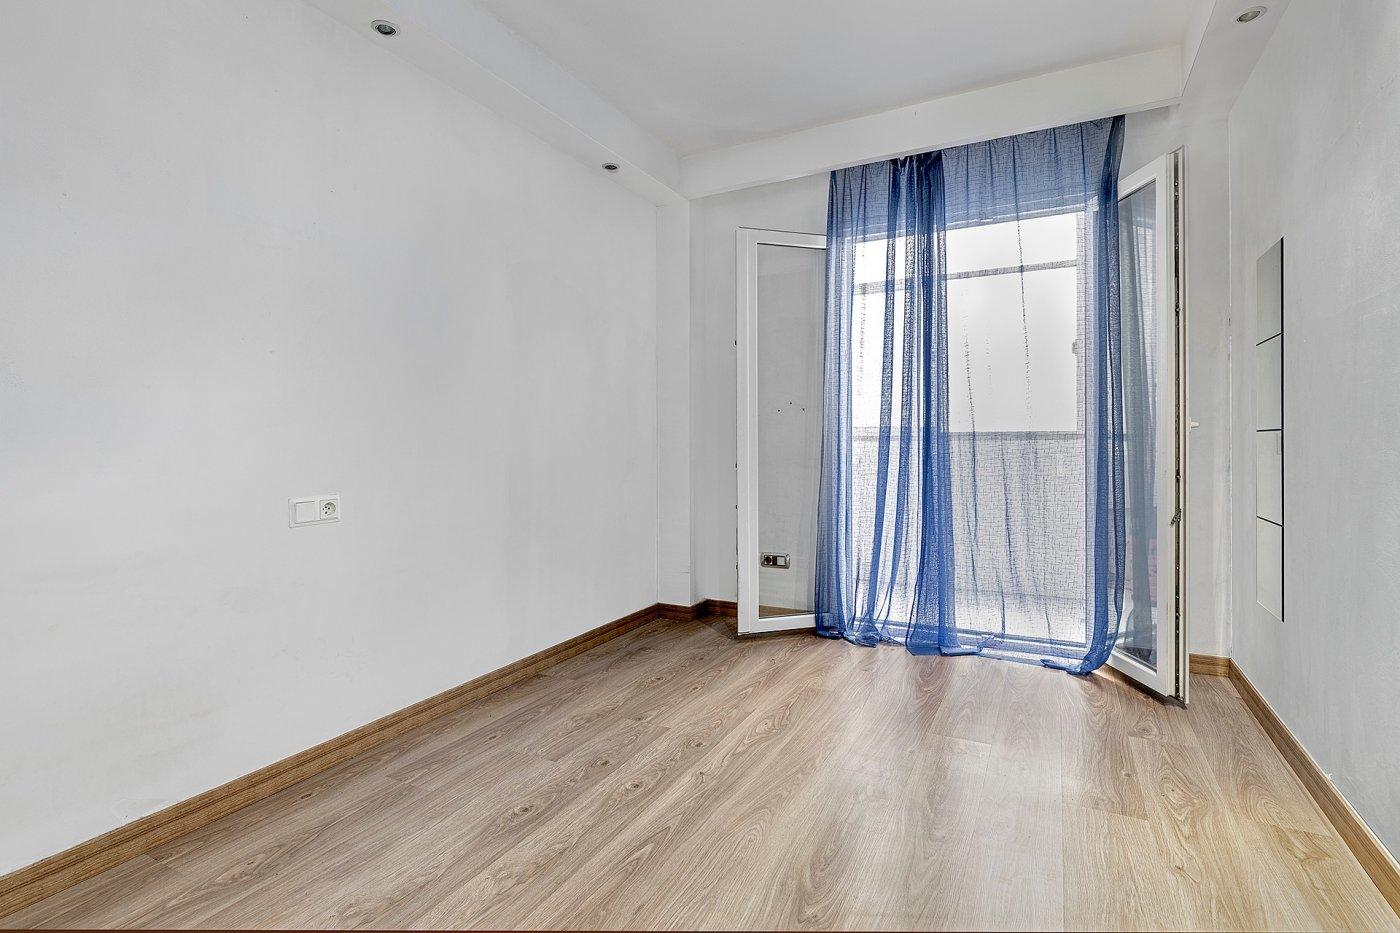 Interesante piso en el rafal - imagenInmueble10